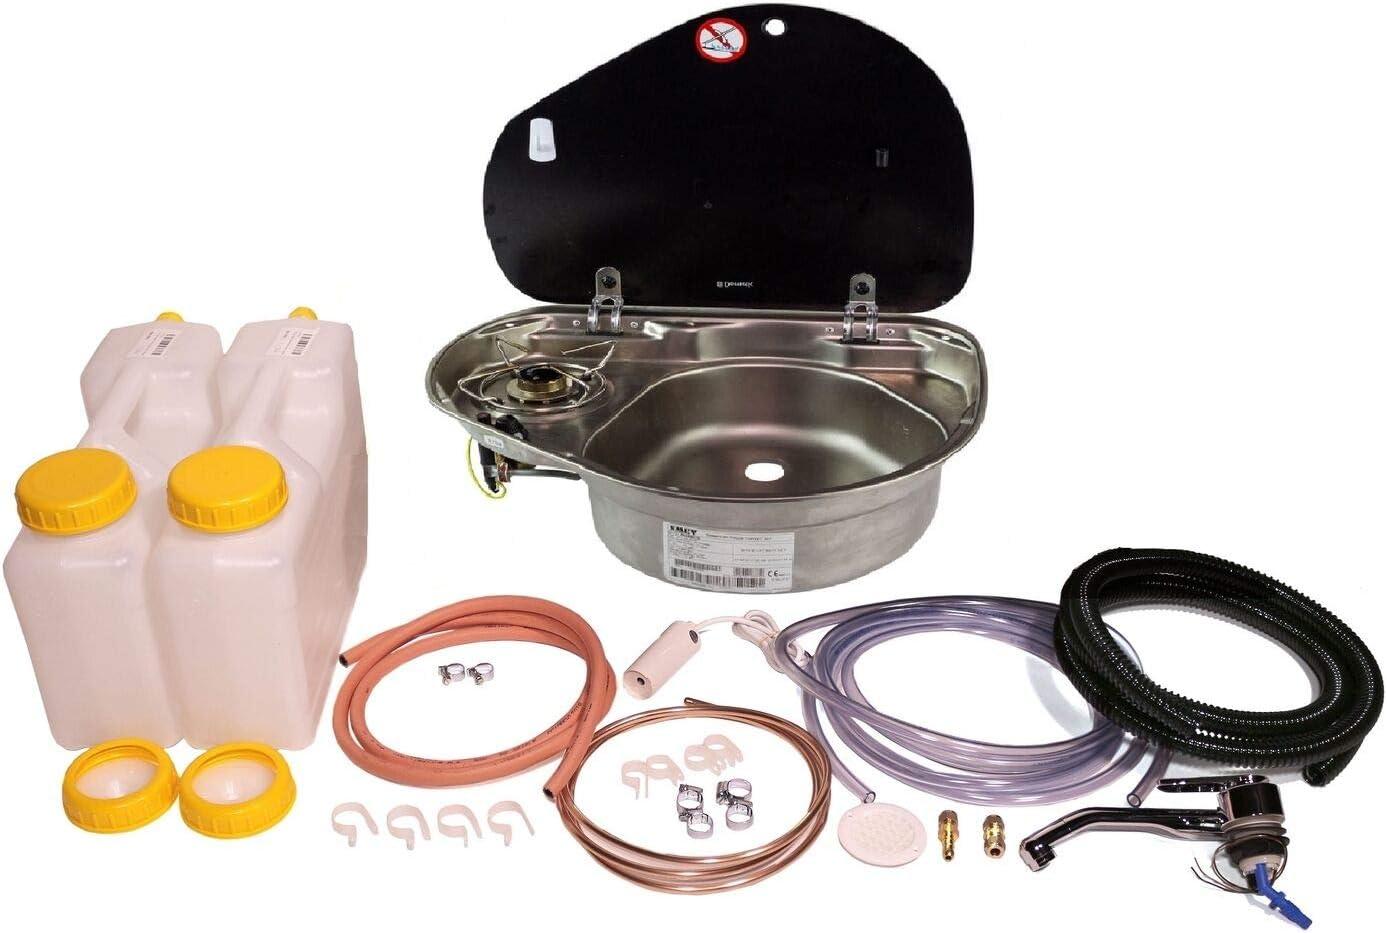 Dometic Smev 8821 - Fregadero de cocina R/H (incluye kit de instalación de grifo, conversión de furgoneta